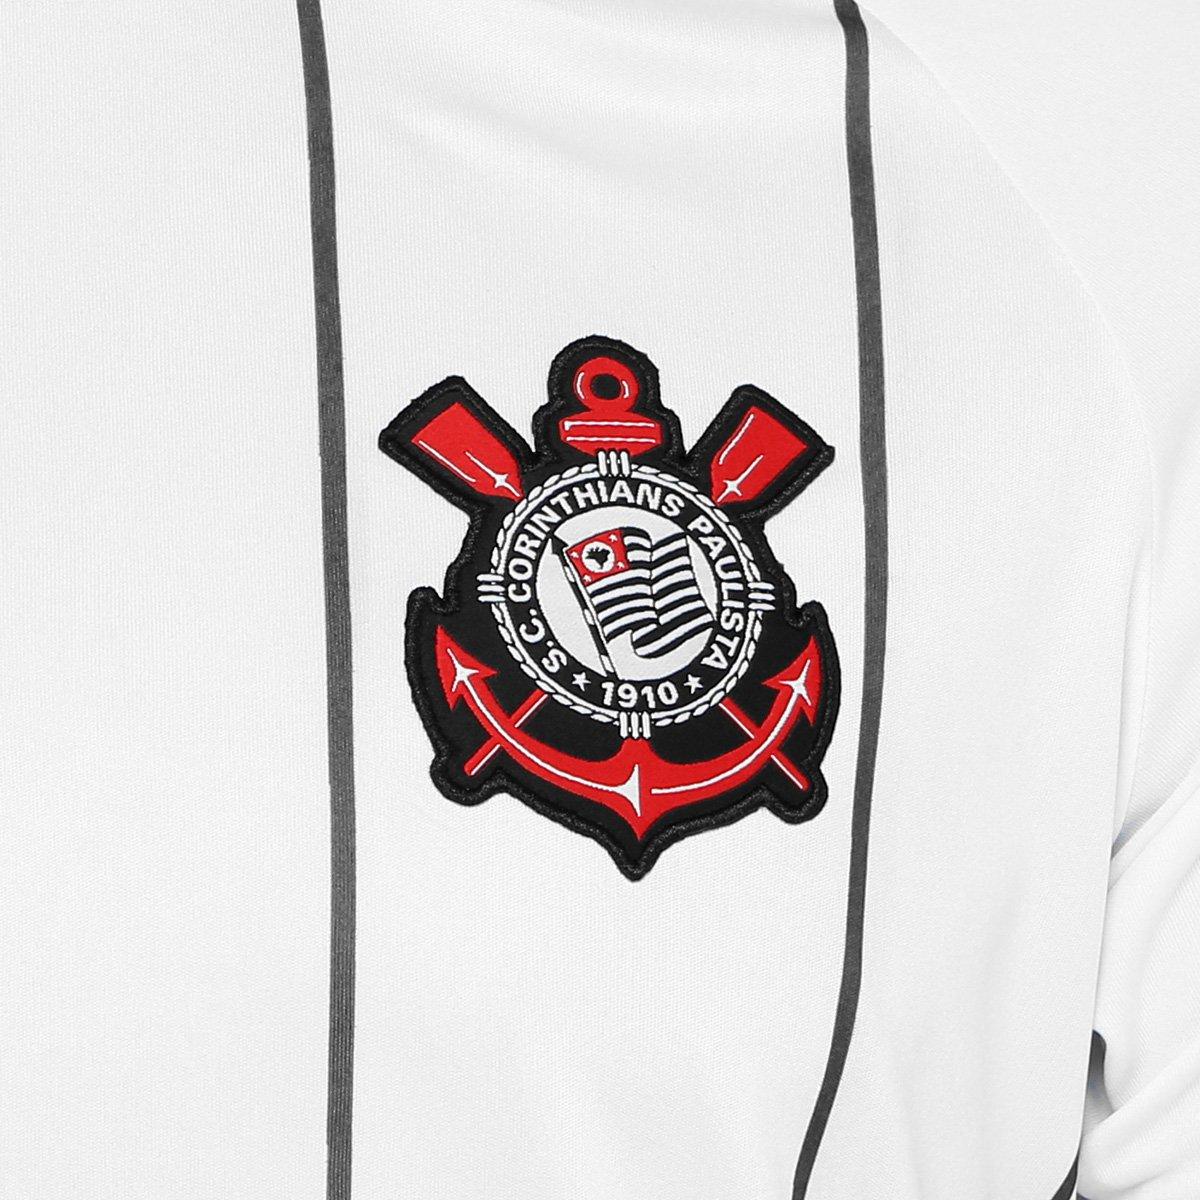 7b00f36839e Camisa Corinthians Fenomenal - Edição Limitada Torcedor C Patch ...